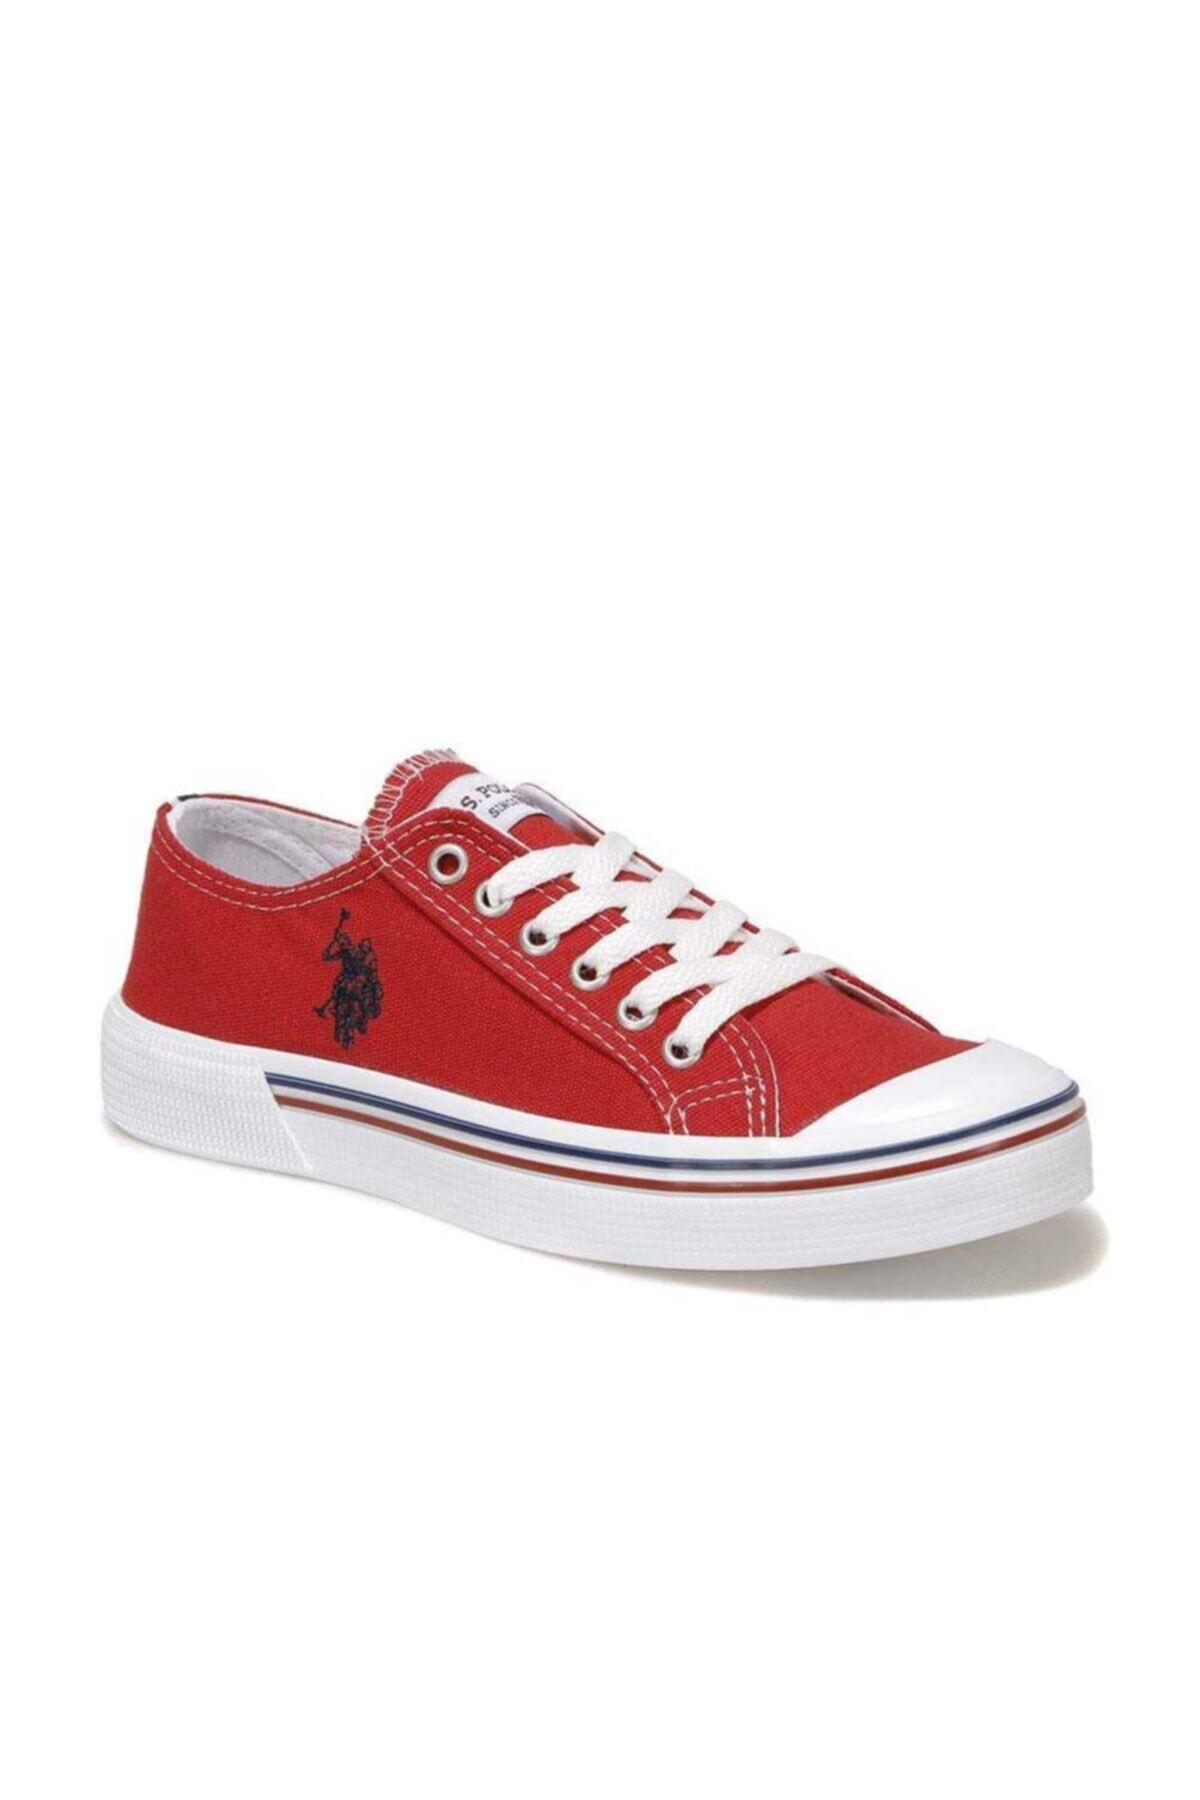 U.S. Polo Assn. PENELOPE 1FX Kırmızı Kız Çocuk Sneaker Ayakkabı 100910626 2